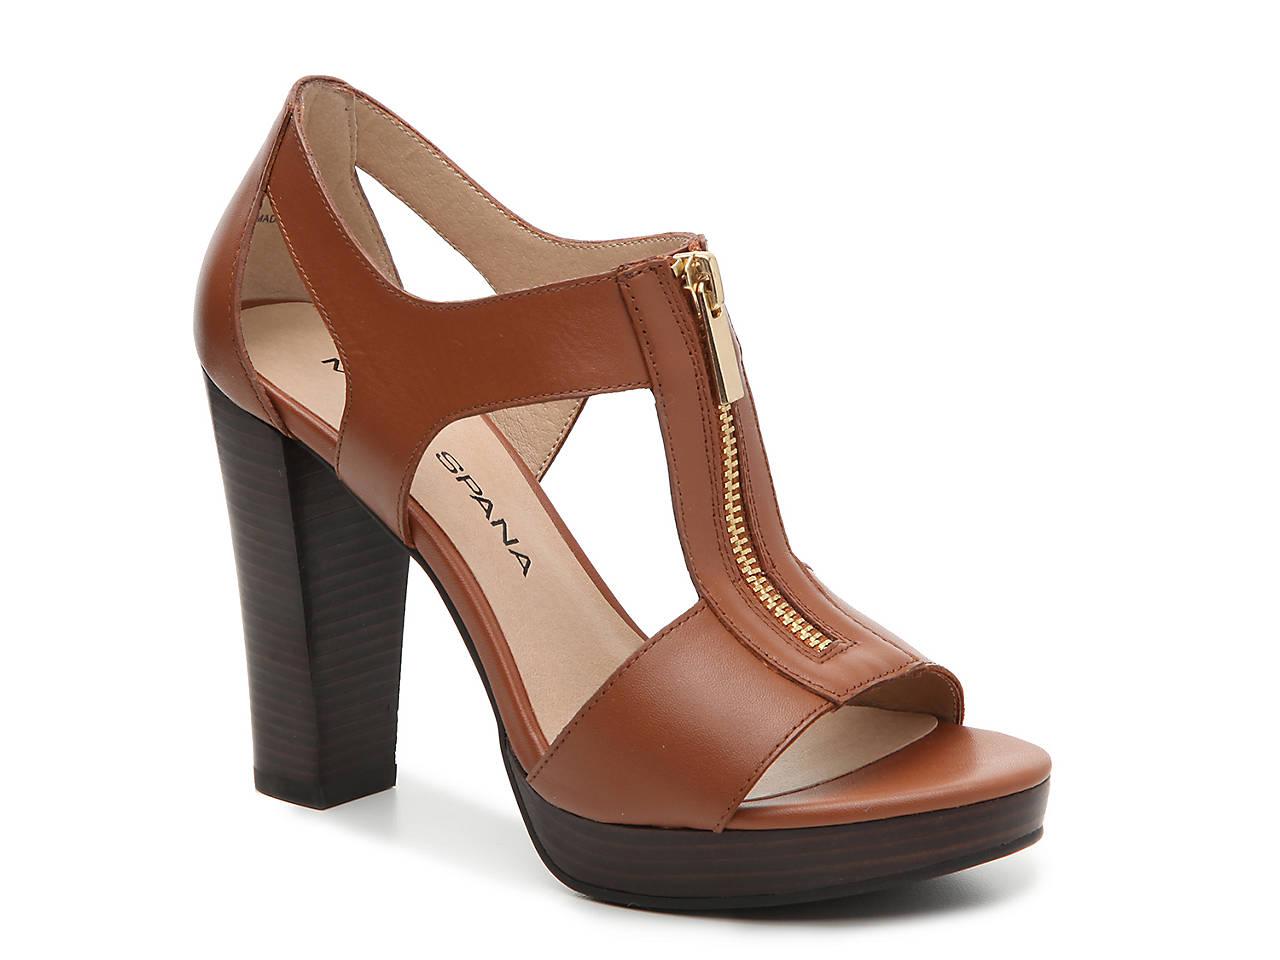 964034046146 Moda Spana Landon Sandal Women s Shoes